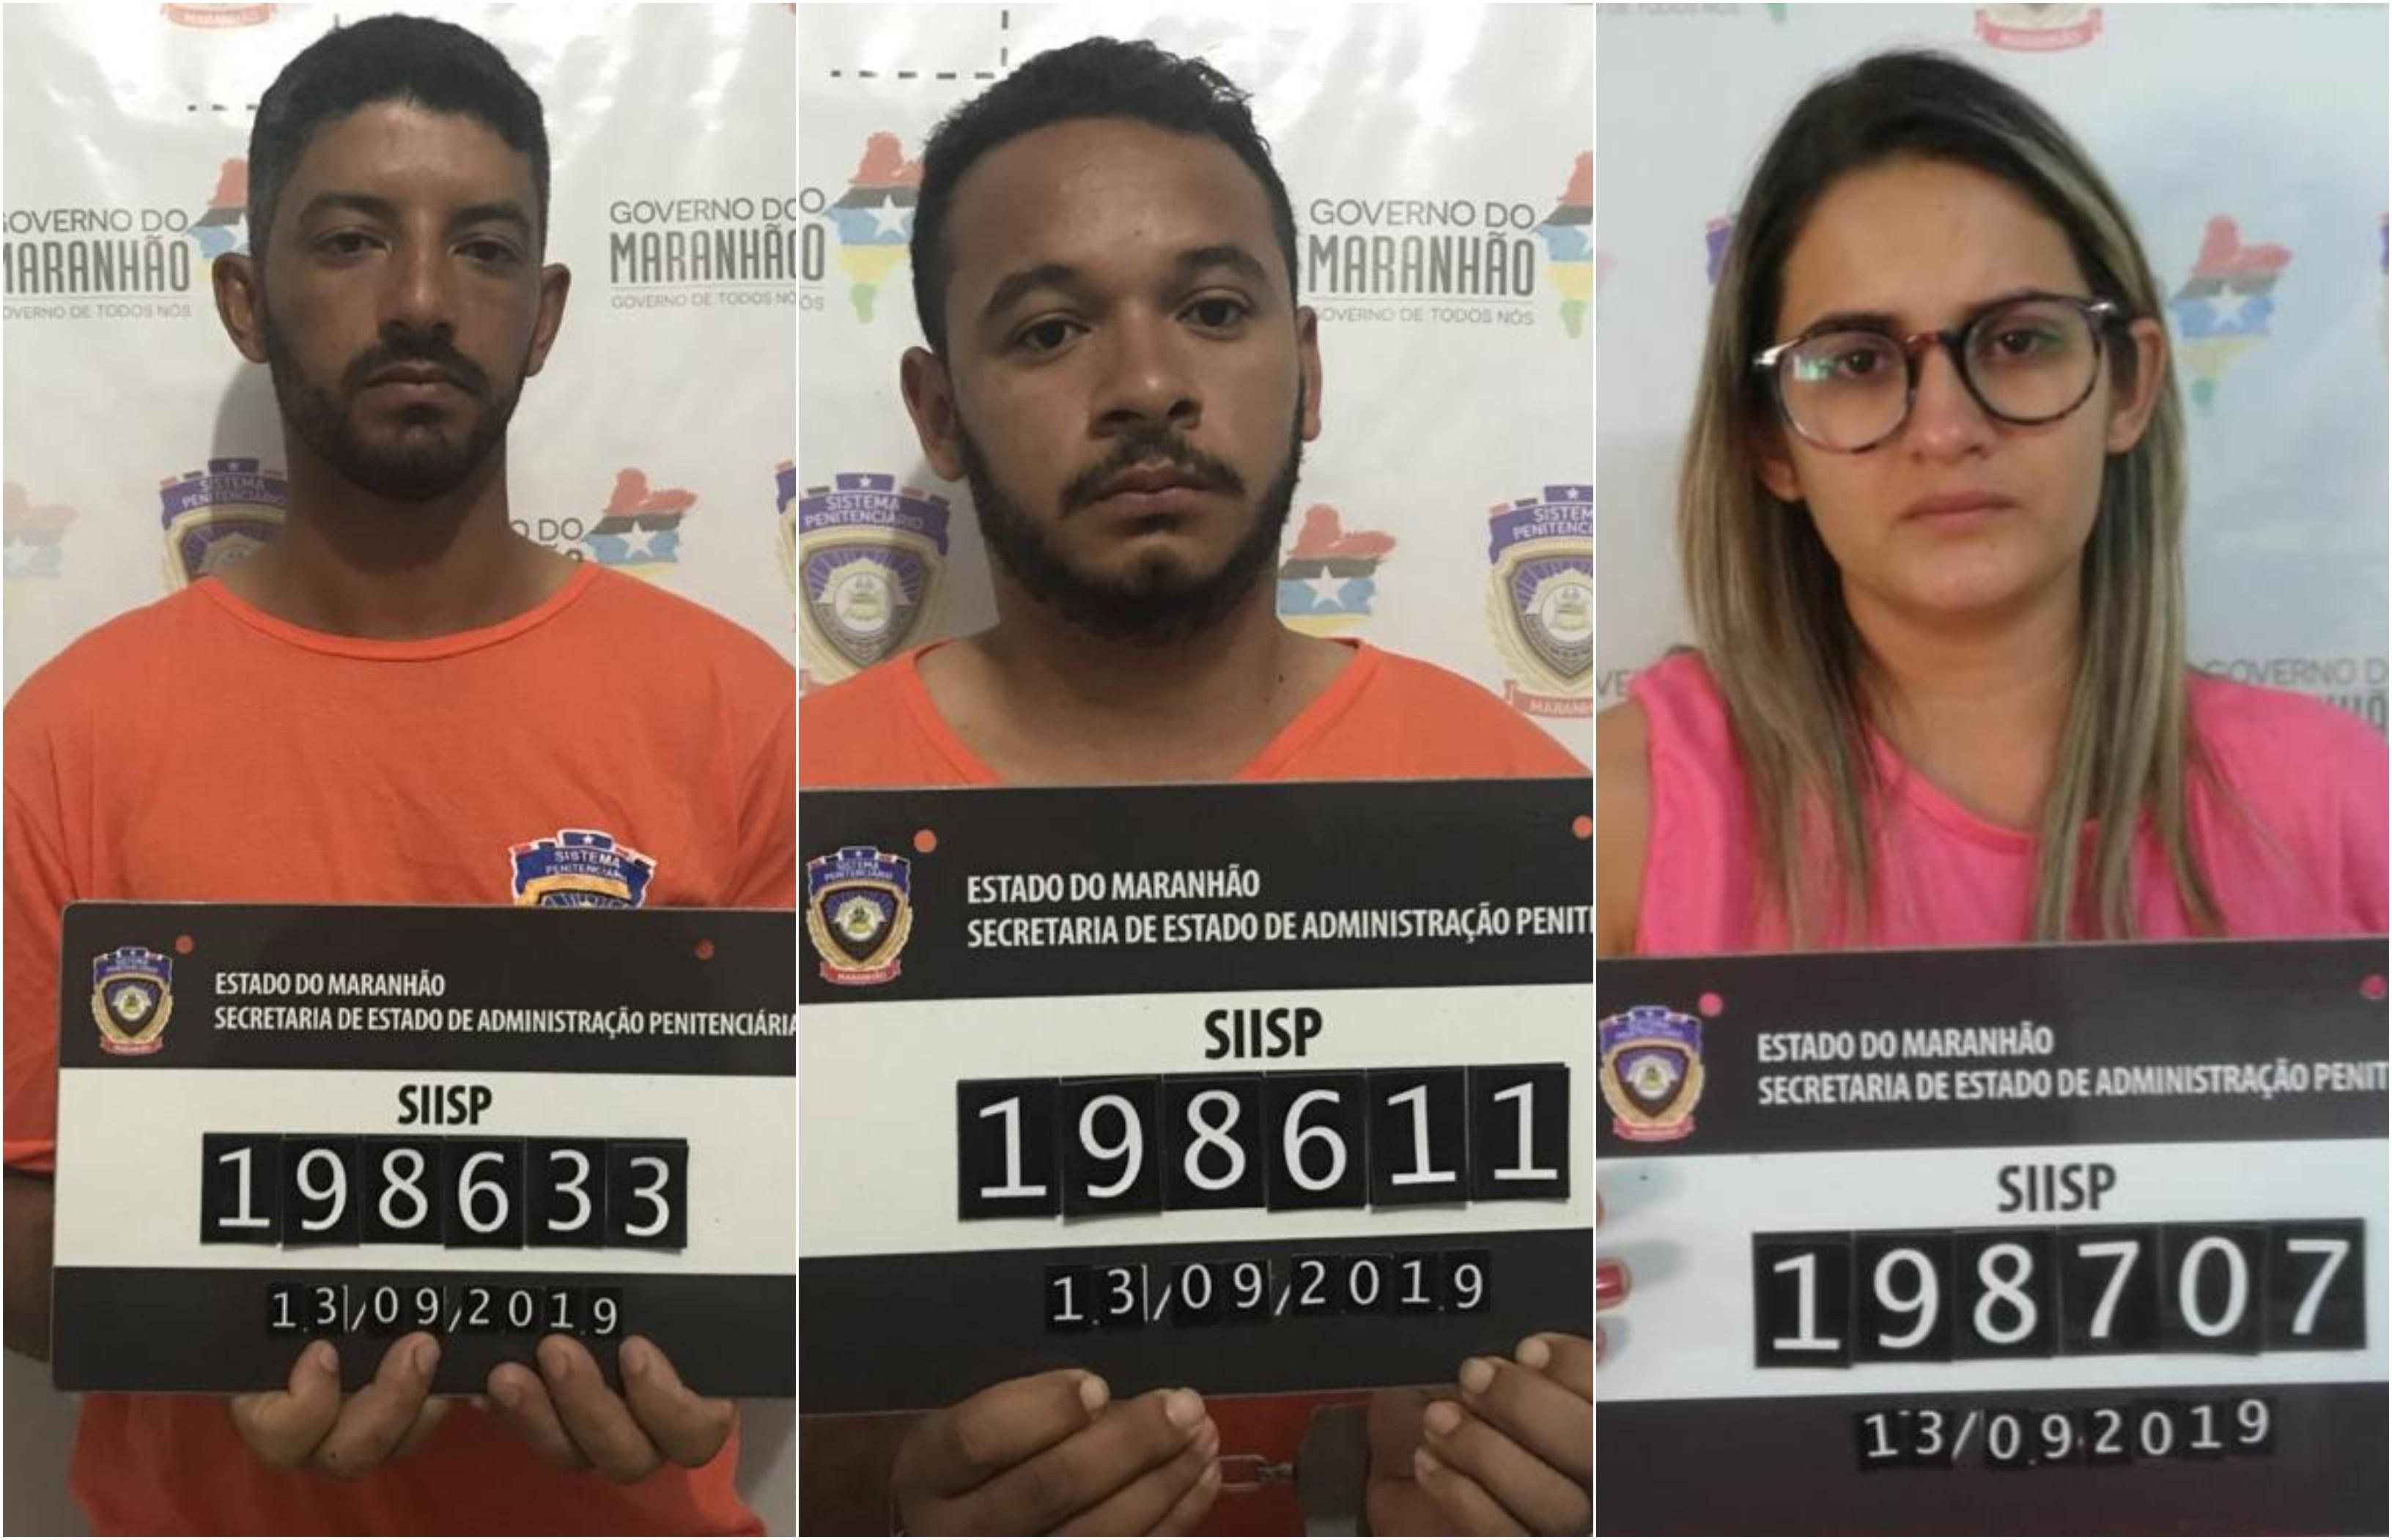 Polícia prende três acusados de assassinar empresário goiano em Buriticupu - Notícias - Plantão Diário